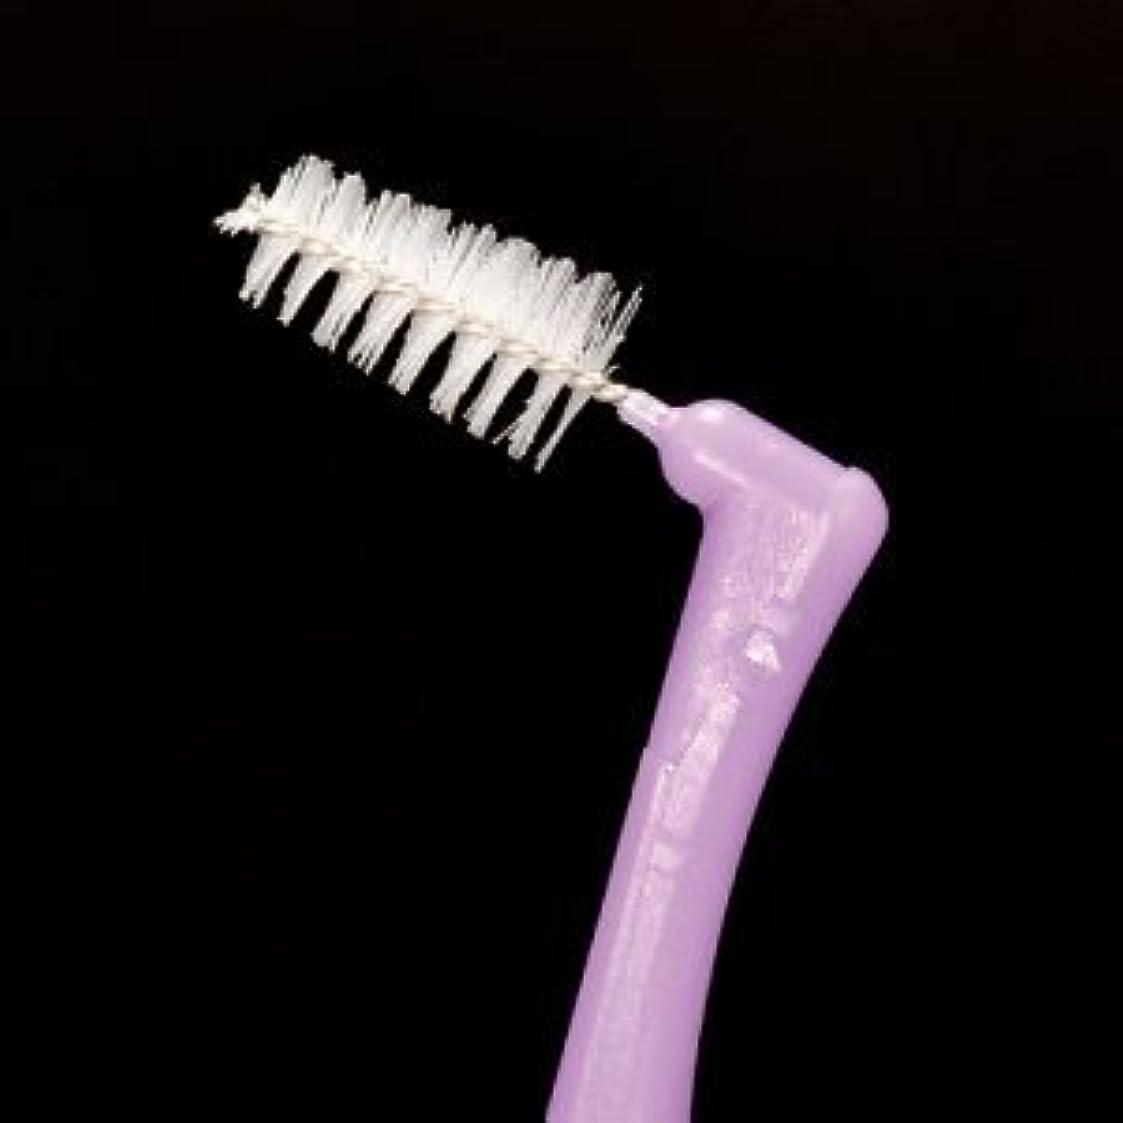 探す息切れ達成可能プロスペック 歯間ブラシ アングルアクア/L/4本入り